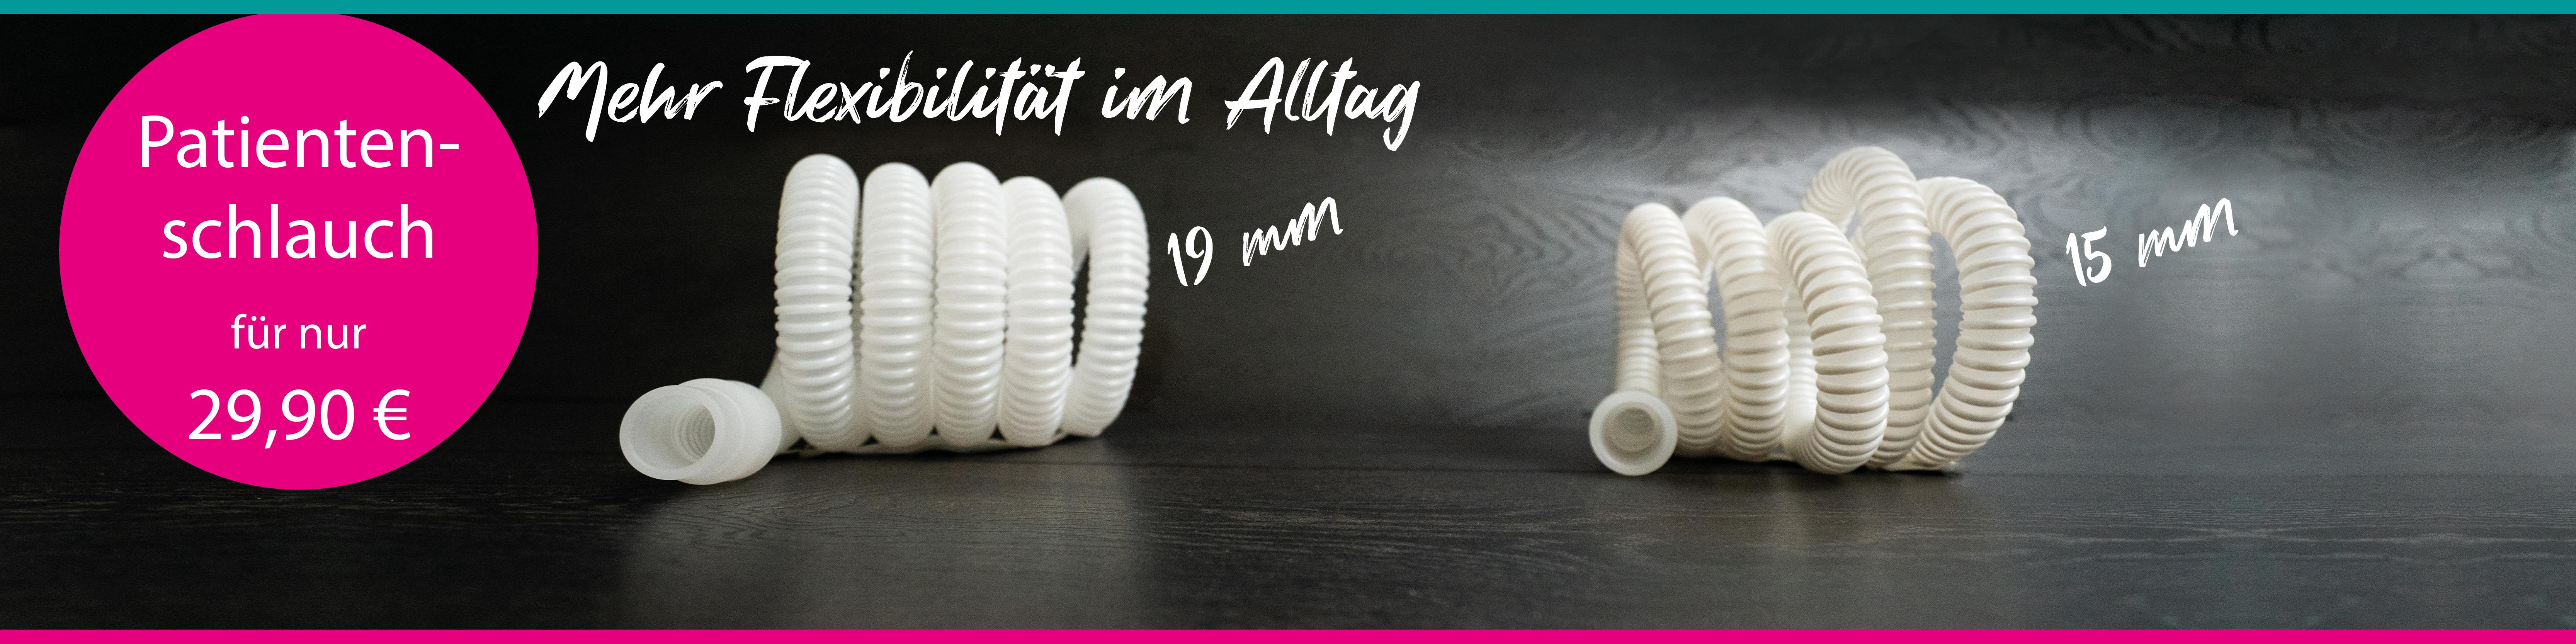 premium cpap apap schlafen reinigen sauber schlauch maske gerät löwenstein reiniger spezial 15 19 mm